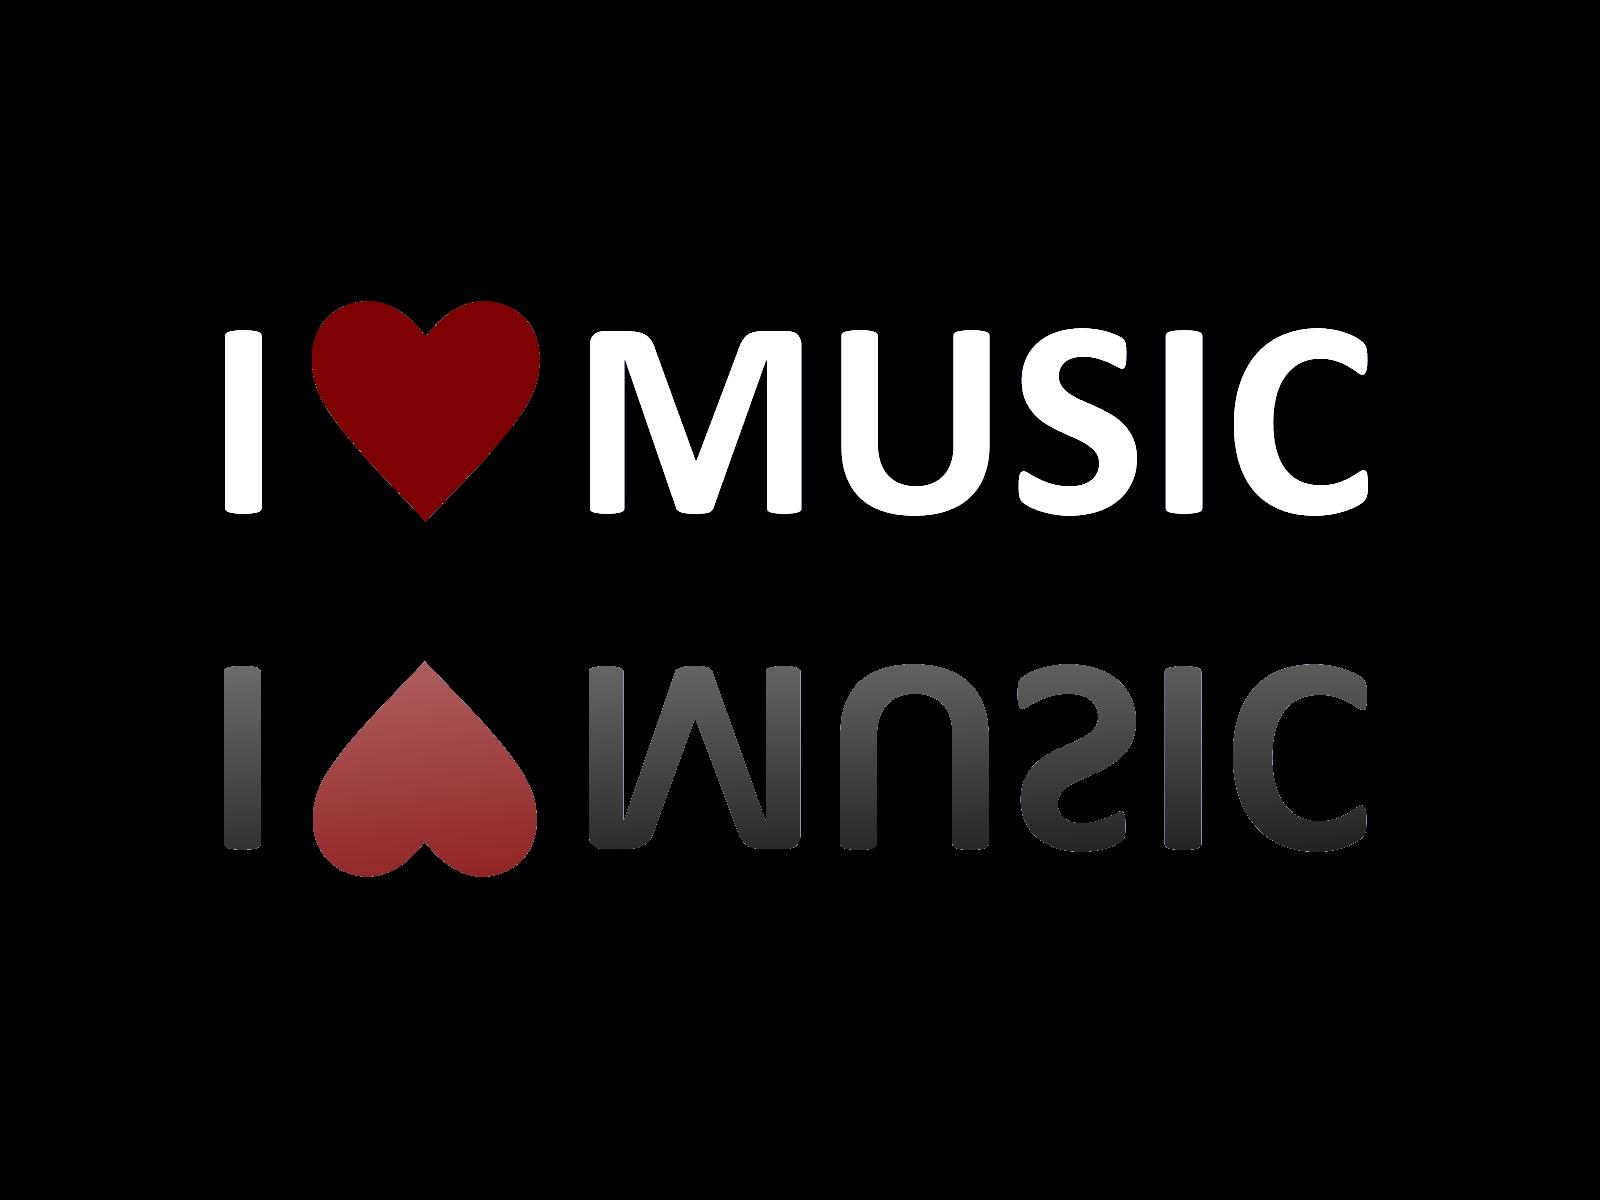 I Love Music Black Background Wallpaper